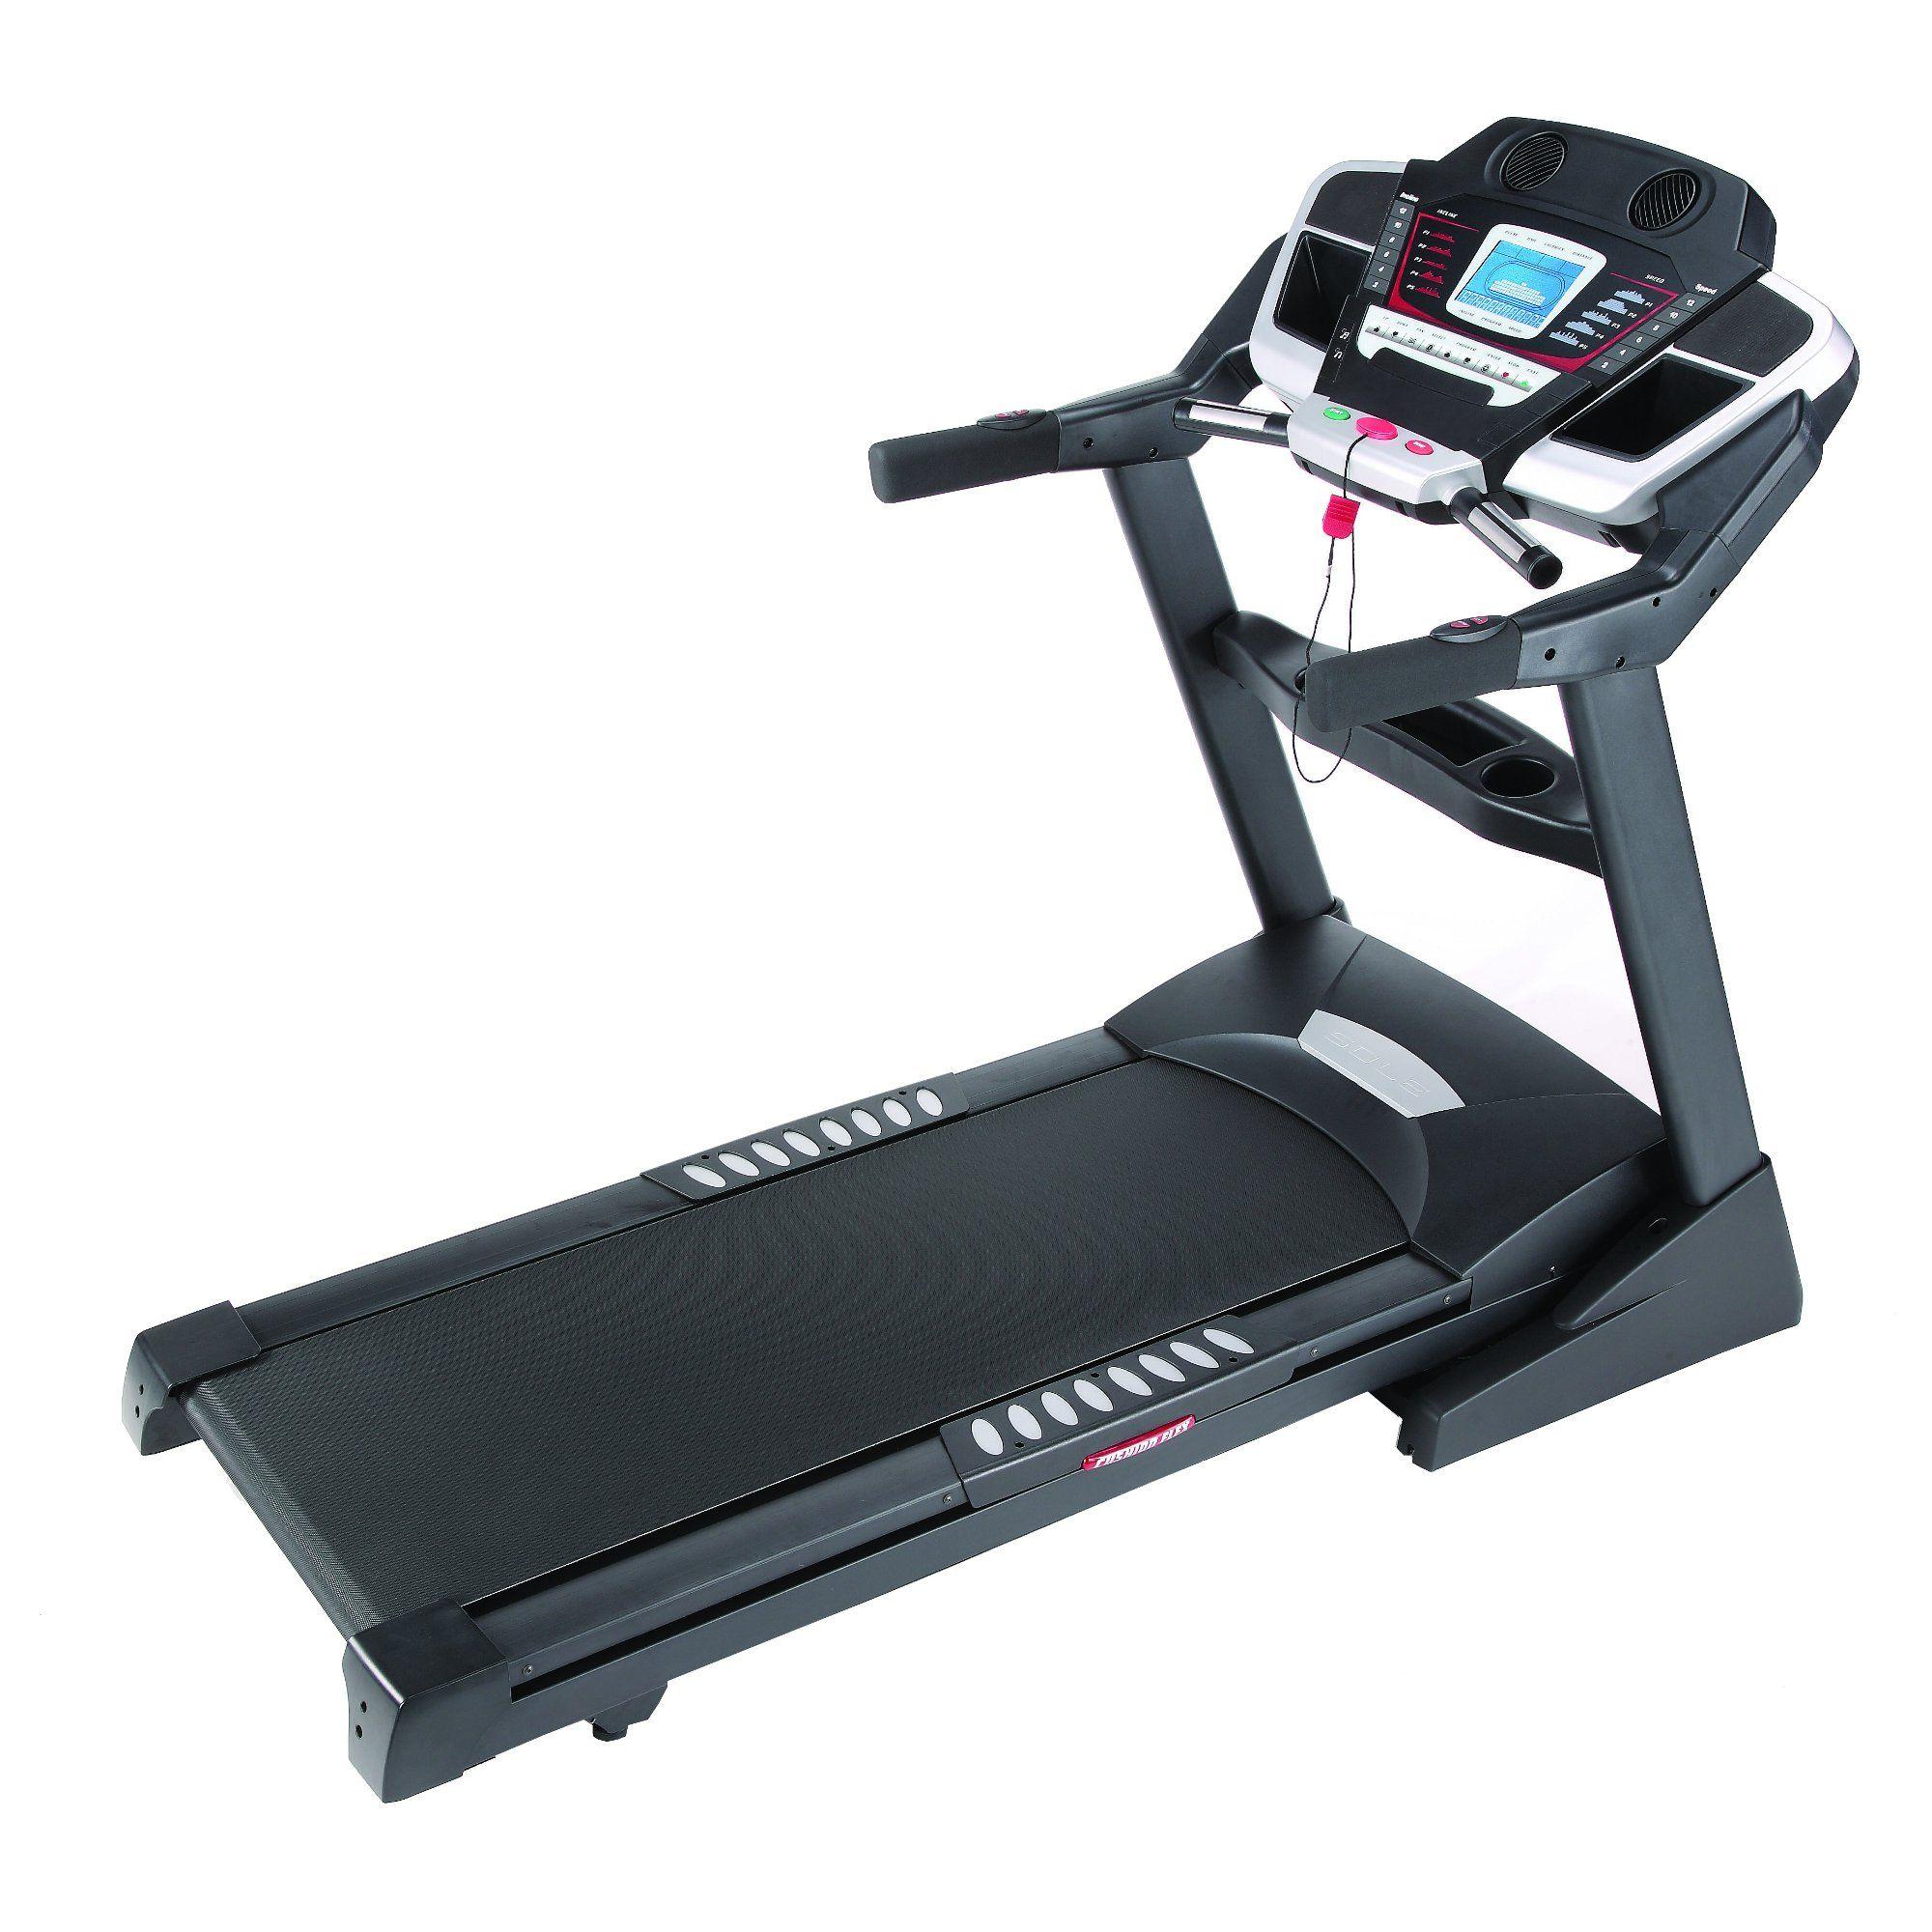 repco fitness treadmill user manual